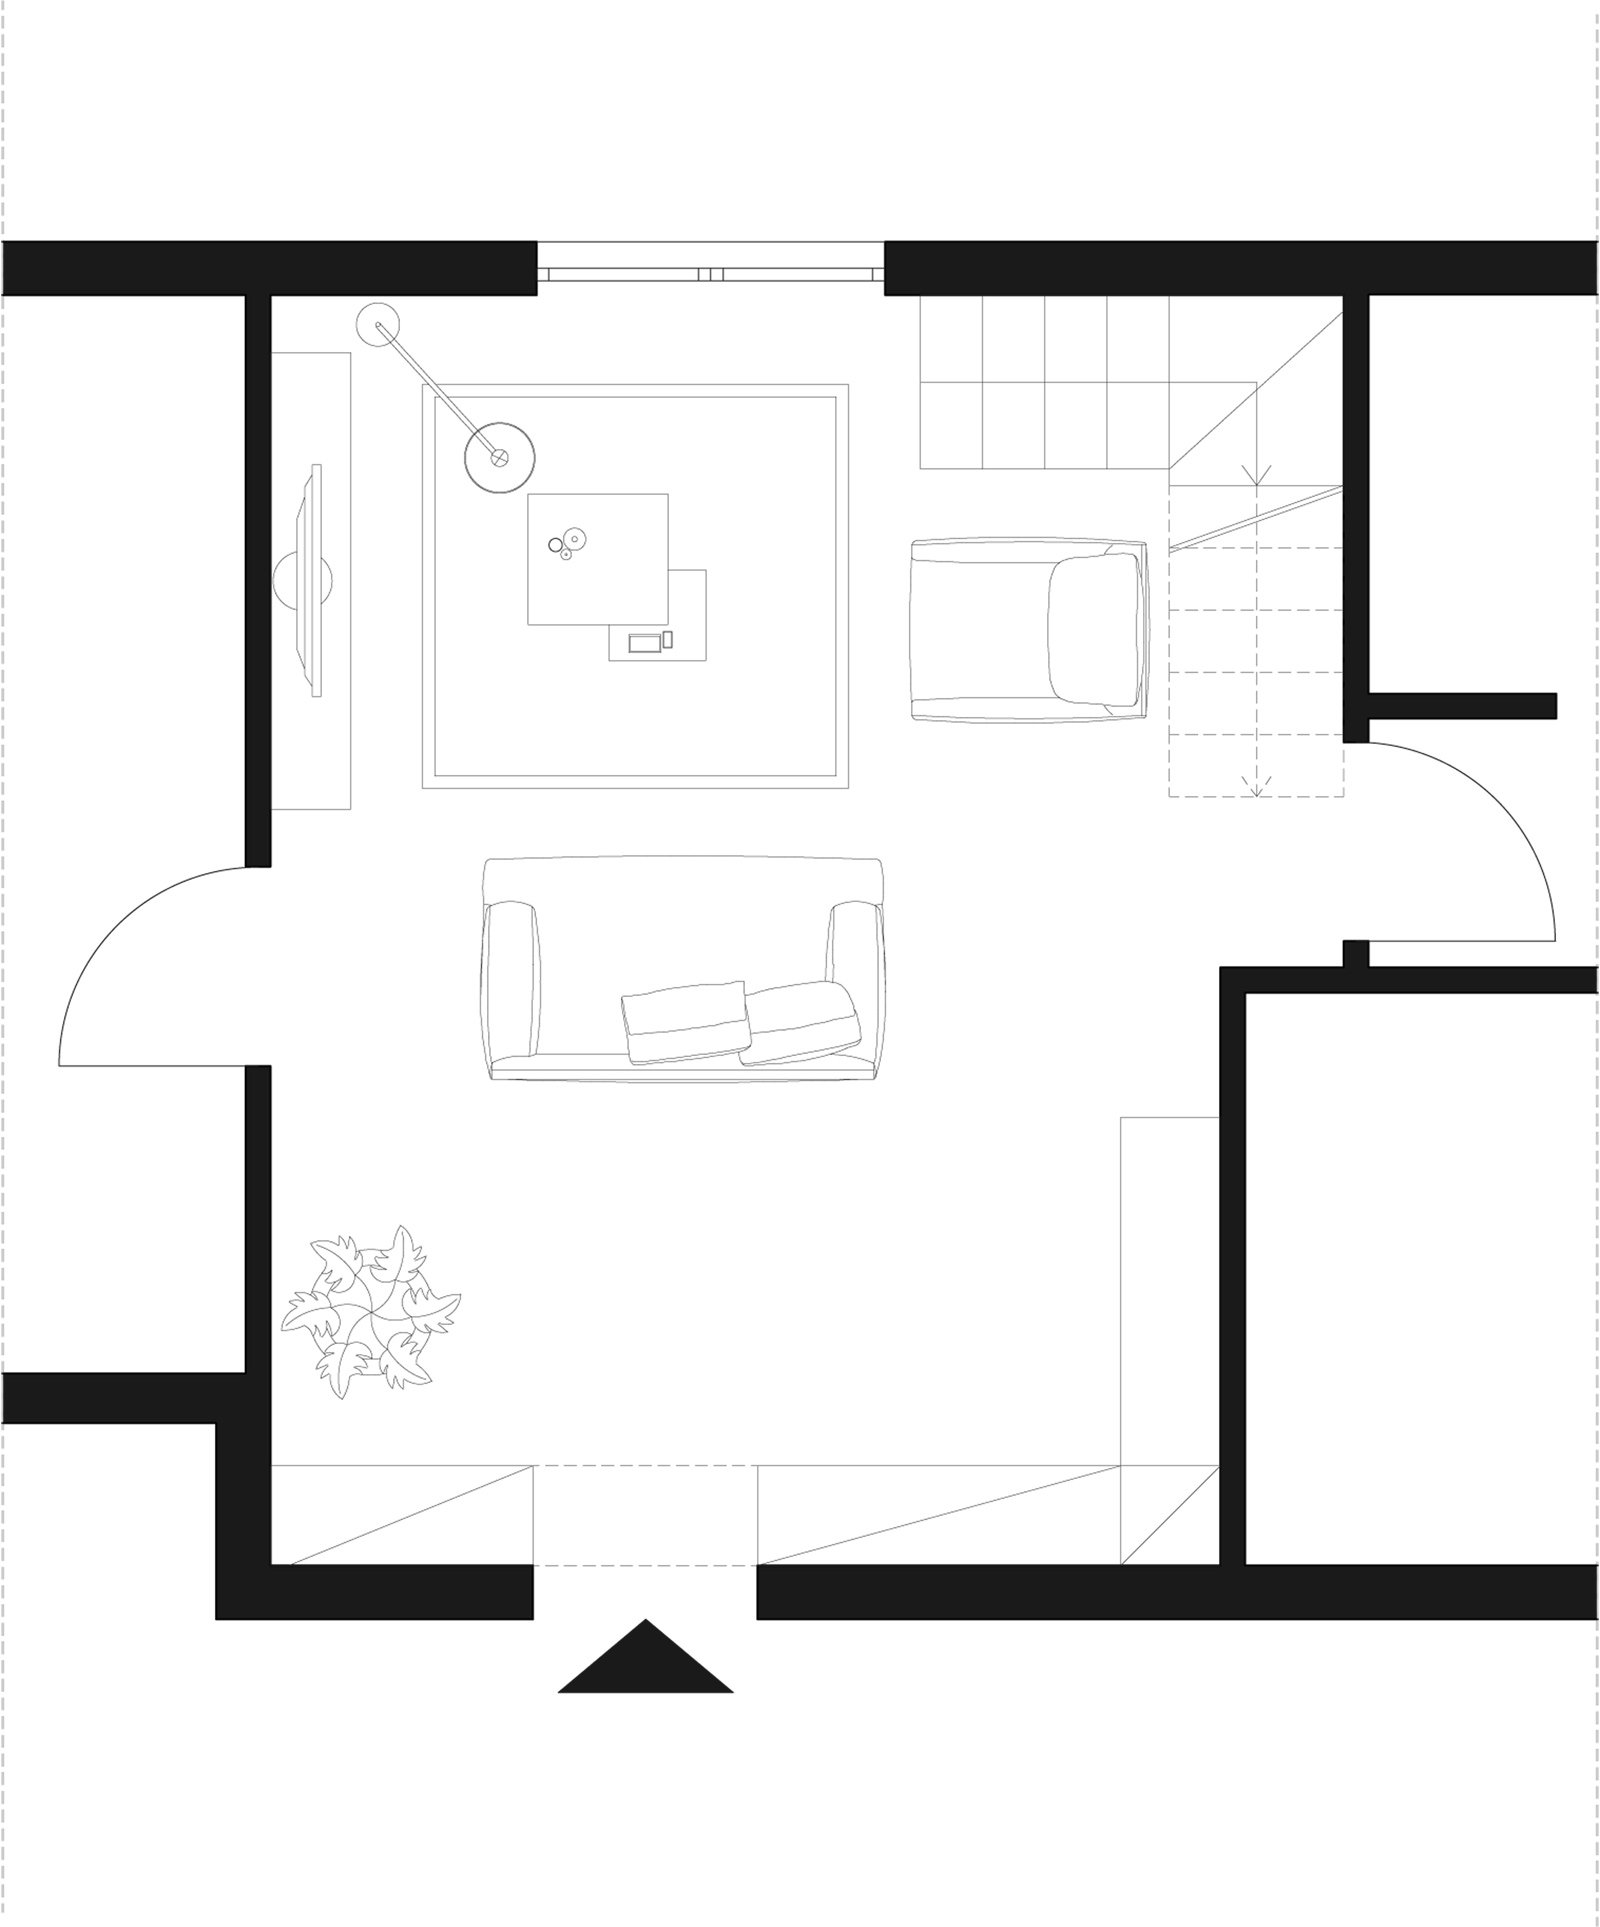 Arredare un soggiorno con tante aperture sulle pareti - Finestre in pianta ...